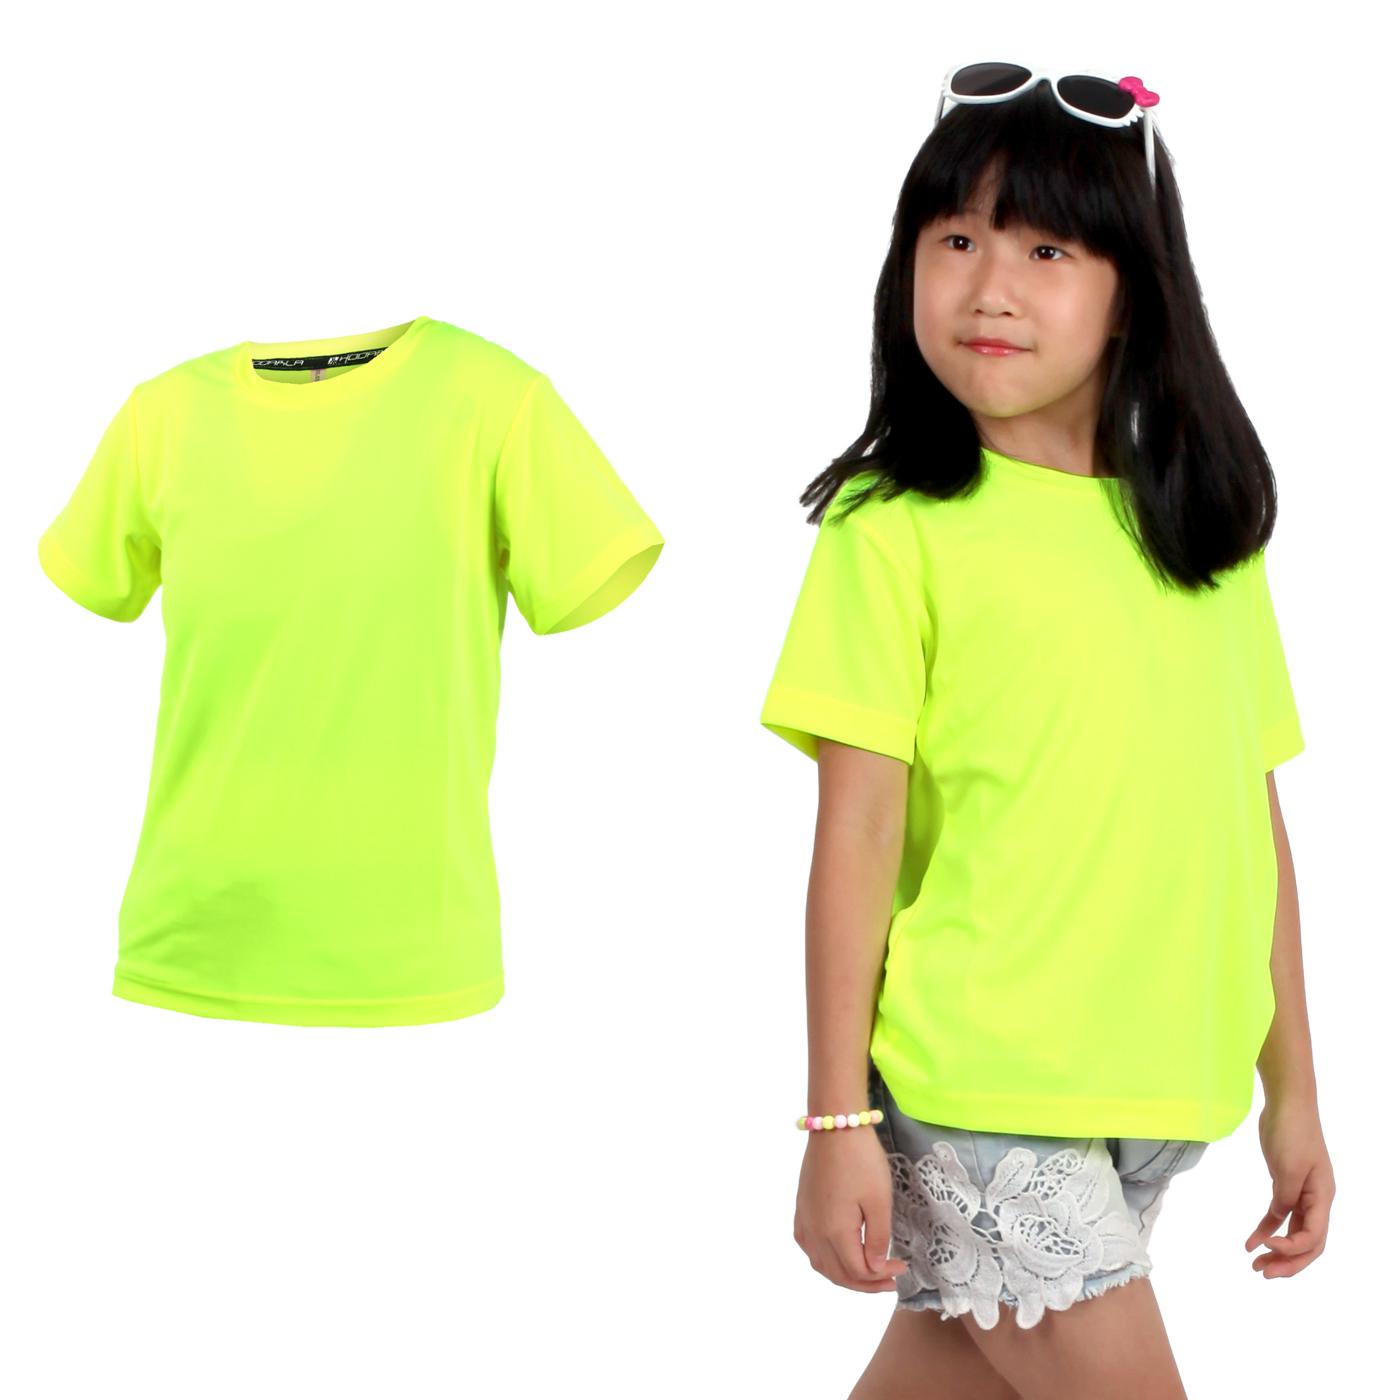 HODARLA 童裝FLARE 100 吸濕排汗衫 3135902 - 螢光黃